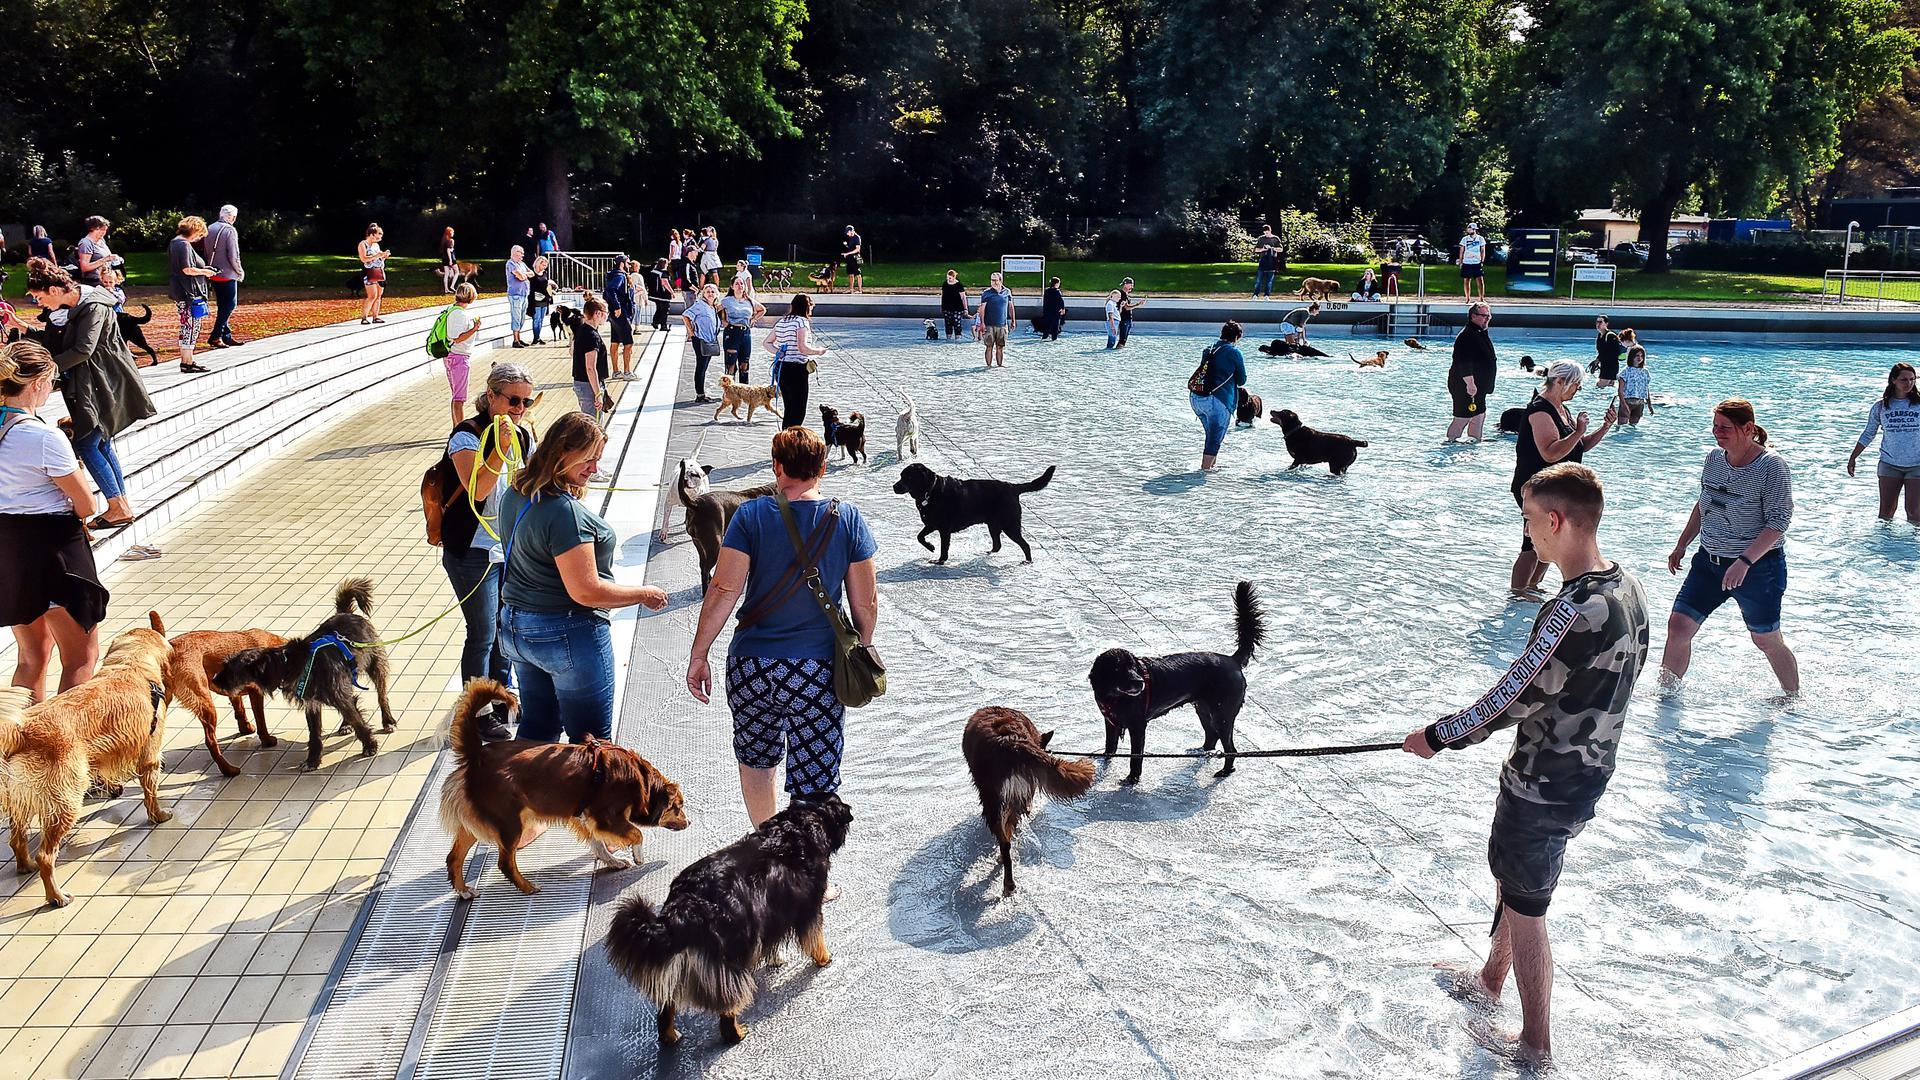 Zwei- und Vierbeiner tummeln sich im ungechlorten Wellenbecken: Das traditionelle Hundeschwimmen im Rheinstrandbad Rappenwört konnte unter Einhaltung der Corona-Regeln stattfinden.